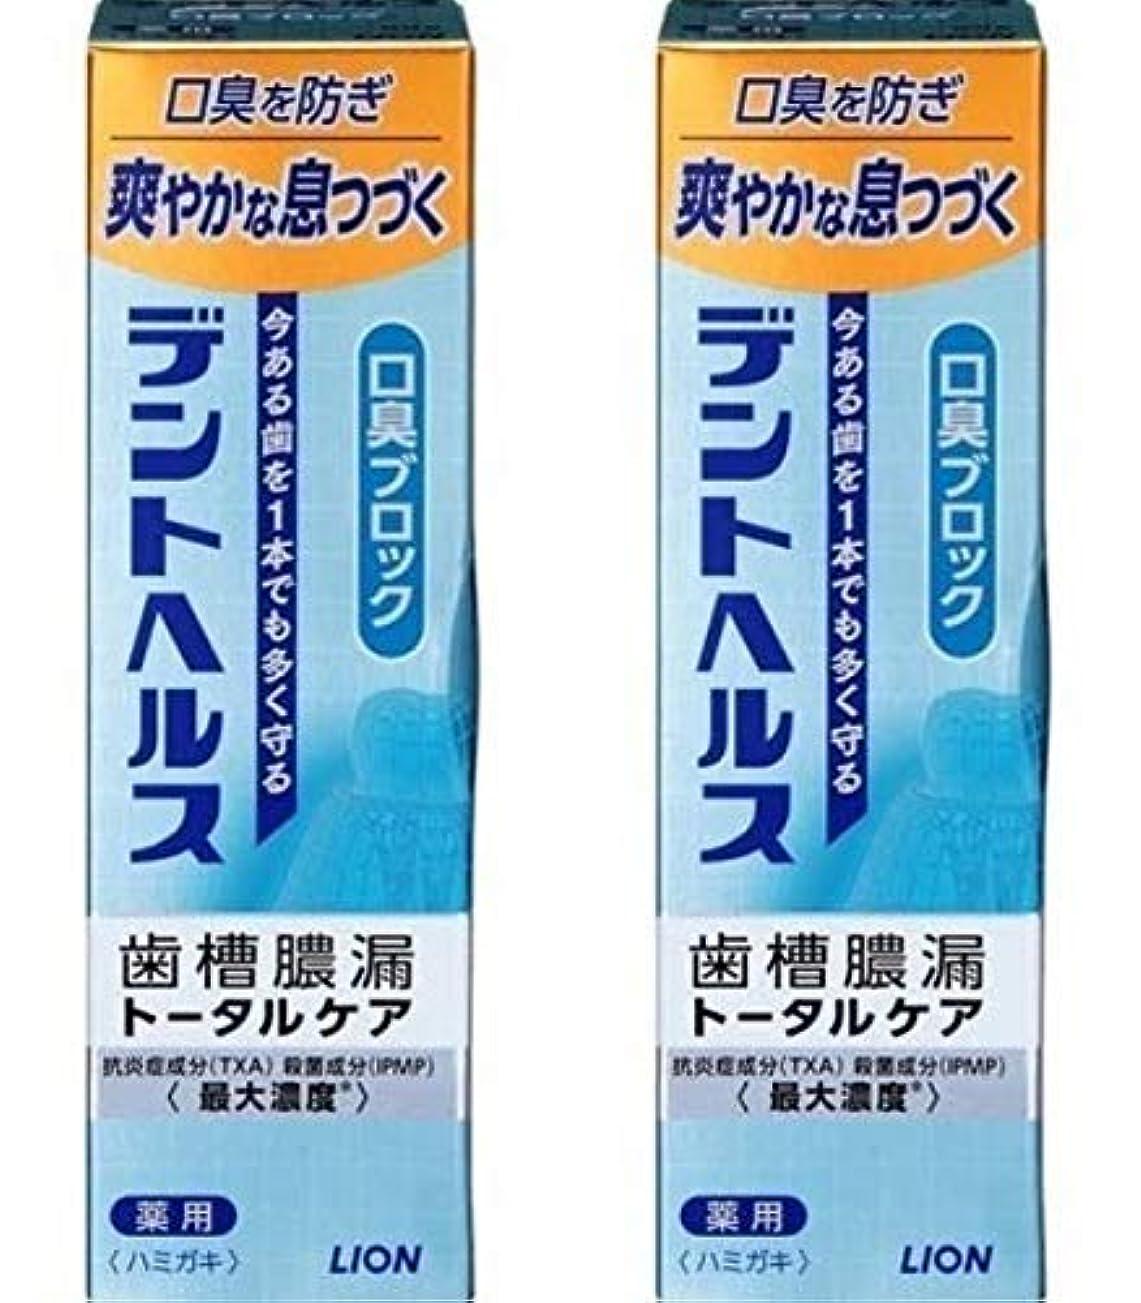 創傷やりすぎ創傷歯槽膿漏予防に デントヘルス 薬用ハミガキ 口臭ブロック 85g 【2個セット】